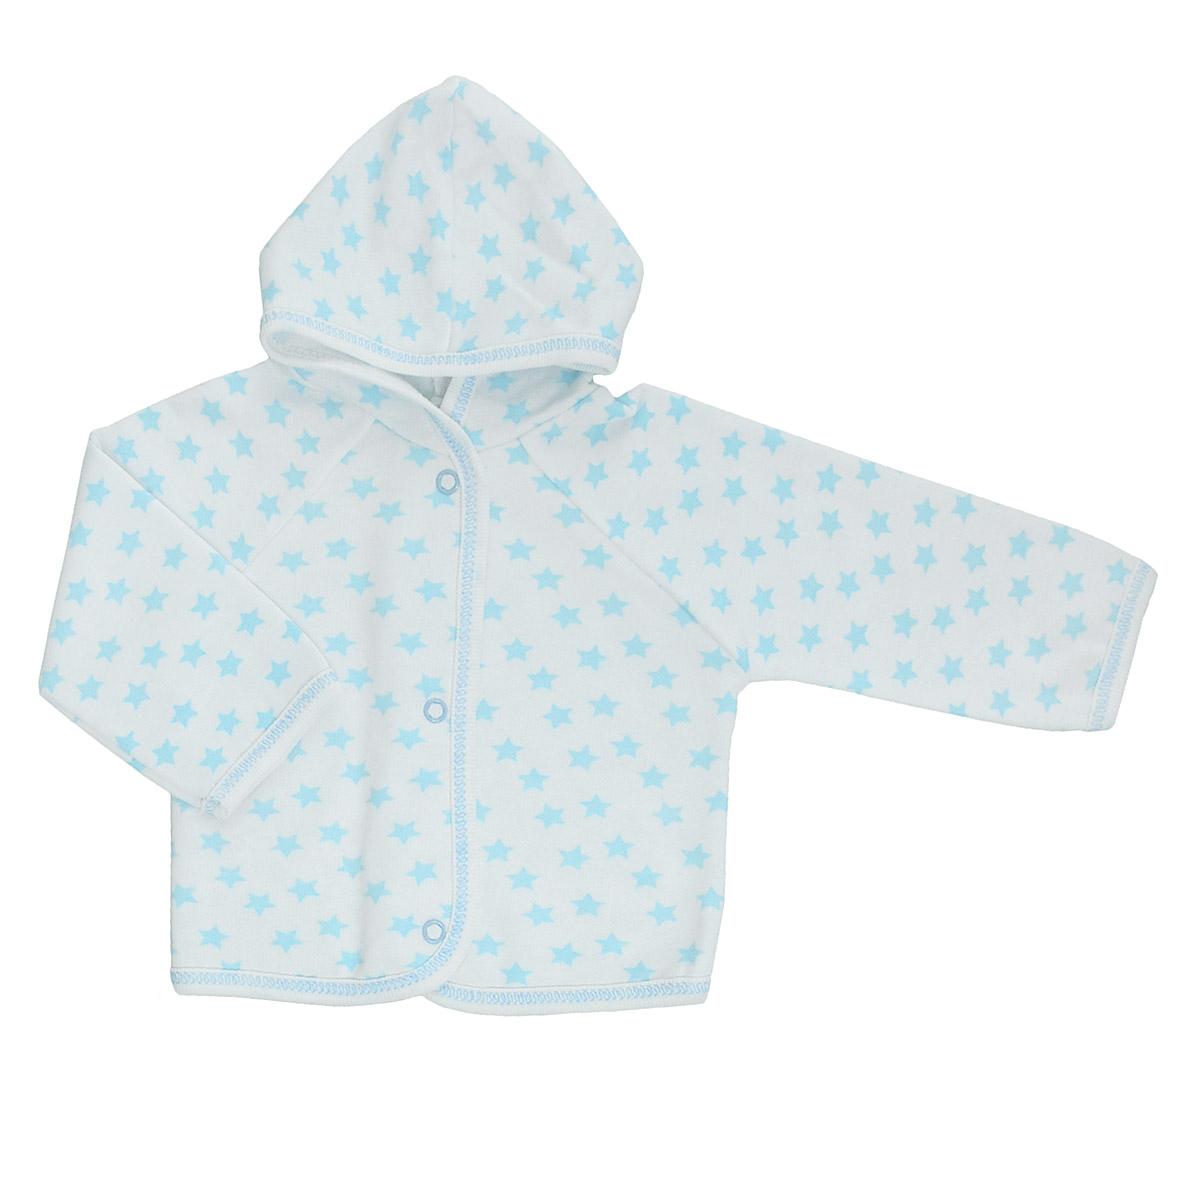 Кофточка детская Трон-плюс, цвет: белый, голубой, рисунок звезды. 5172. Размер 74, 9 месяцев5172Теплая кофточка Трон-плюс идеально подойдет вашему младенцу и станет идеальным дополнением к гардеробу вашего ребенка, обеспечивая ему наибольший комфорт. Изготовленная из футера - натурального хлопка, она необычайно мягкая и легкая, не раздражает нежную кожу ребенка и хорошо вентилируется, а эластичные швы приятны телу малыша и не препятствуют его движениям. Удобные застежки-кнопки по всей длине помогают легко переодеть младенца. Модель с длинными рукавами-реглан дополнена капюшоном. По краям кофточка обработана бейкой и украшена оригинальным принтом.Кофточка полностью соответствует особенностям жизни ребенка в ранний период, не стесняя и не ограничивая его в движениях.